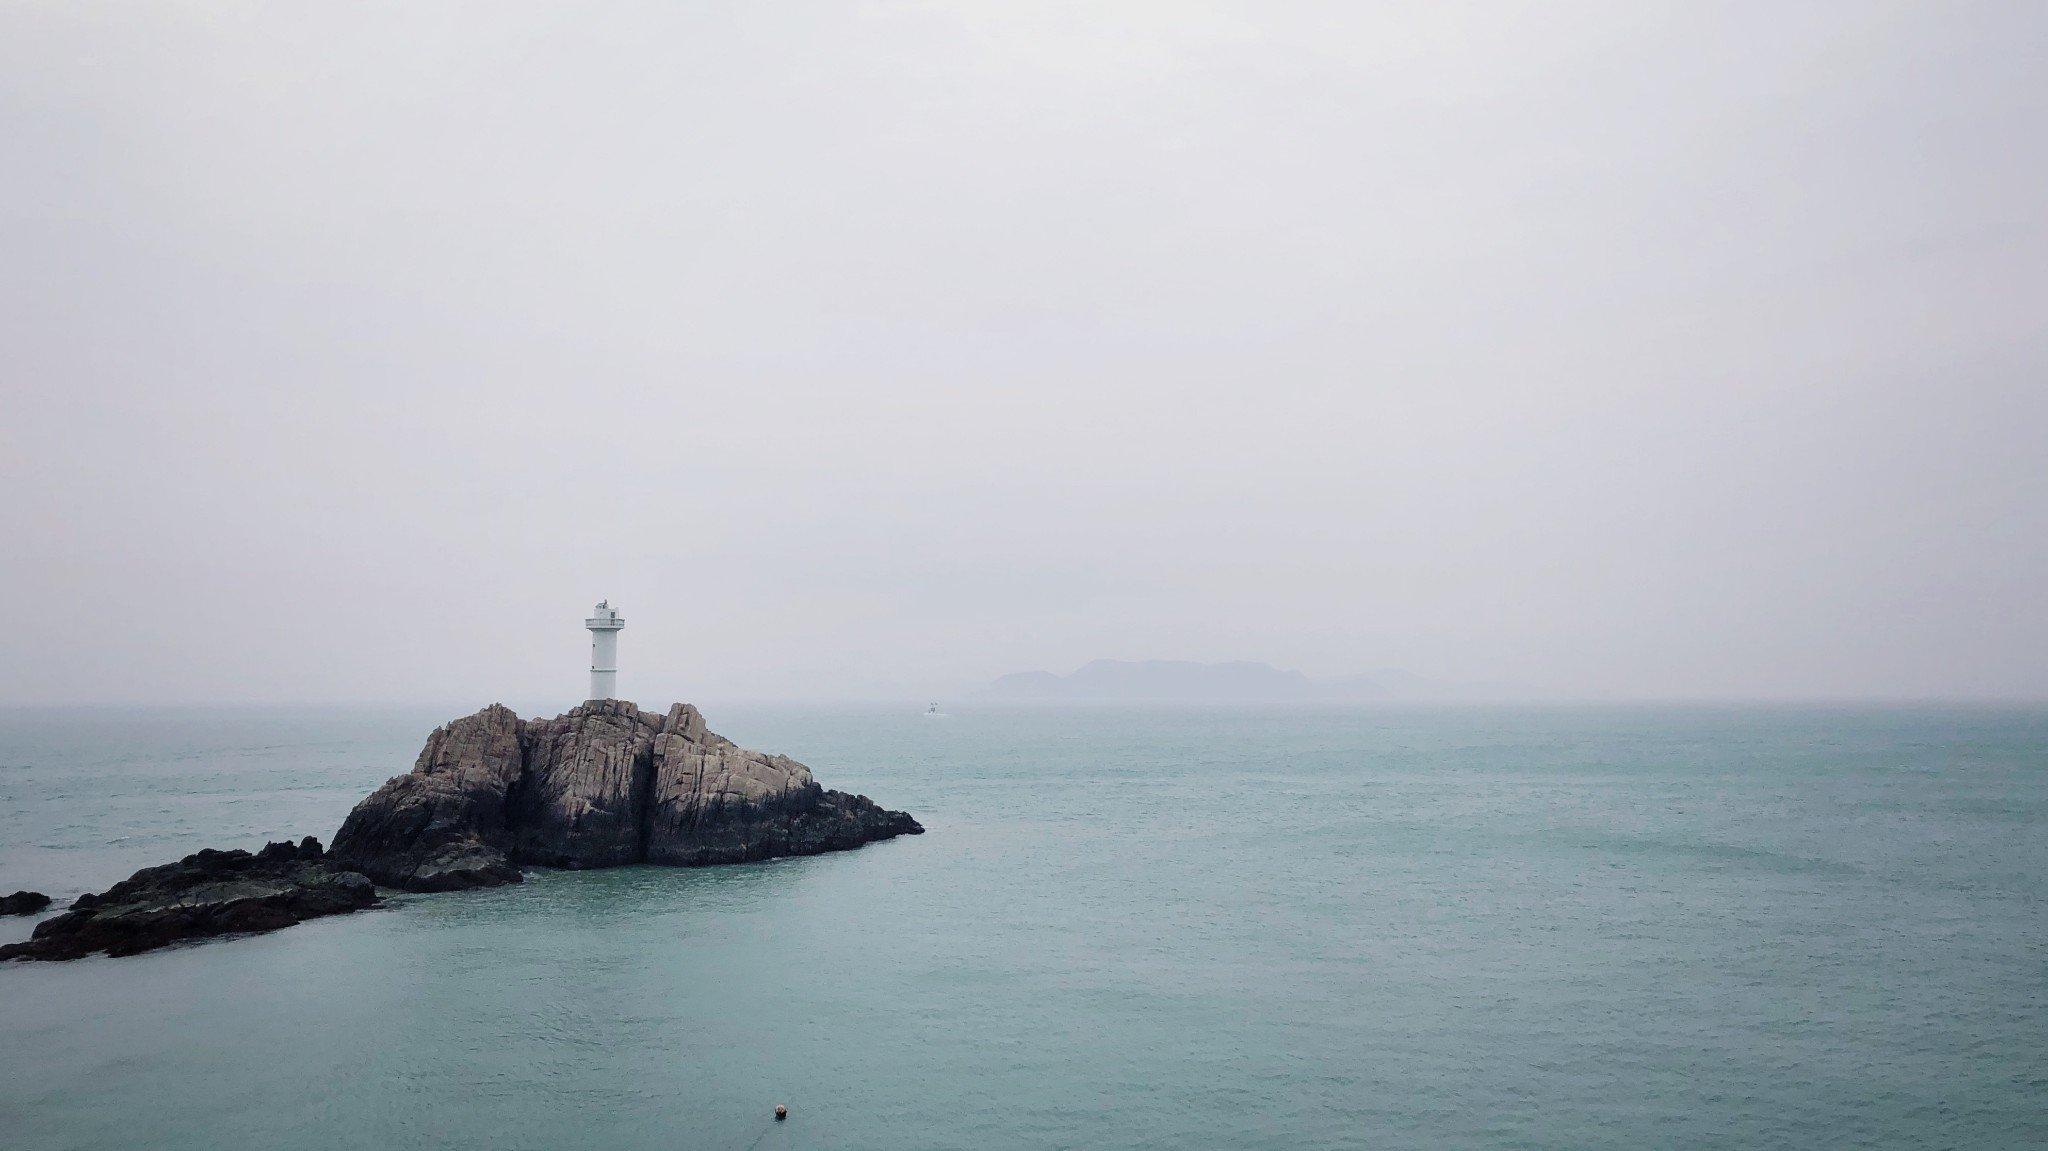 【东极岛】 上海出发,五天四夜漫步东极(附带史上最精简实用的东极旅游攻略)